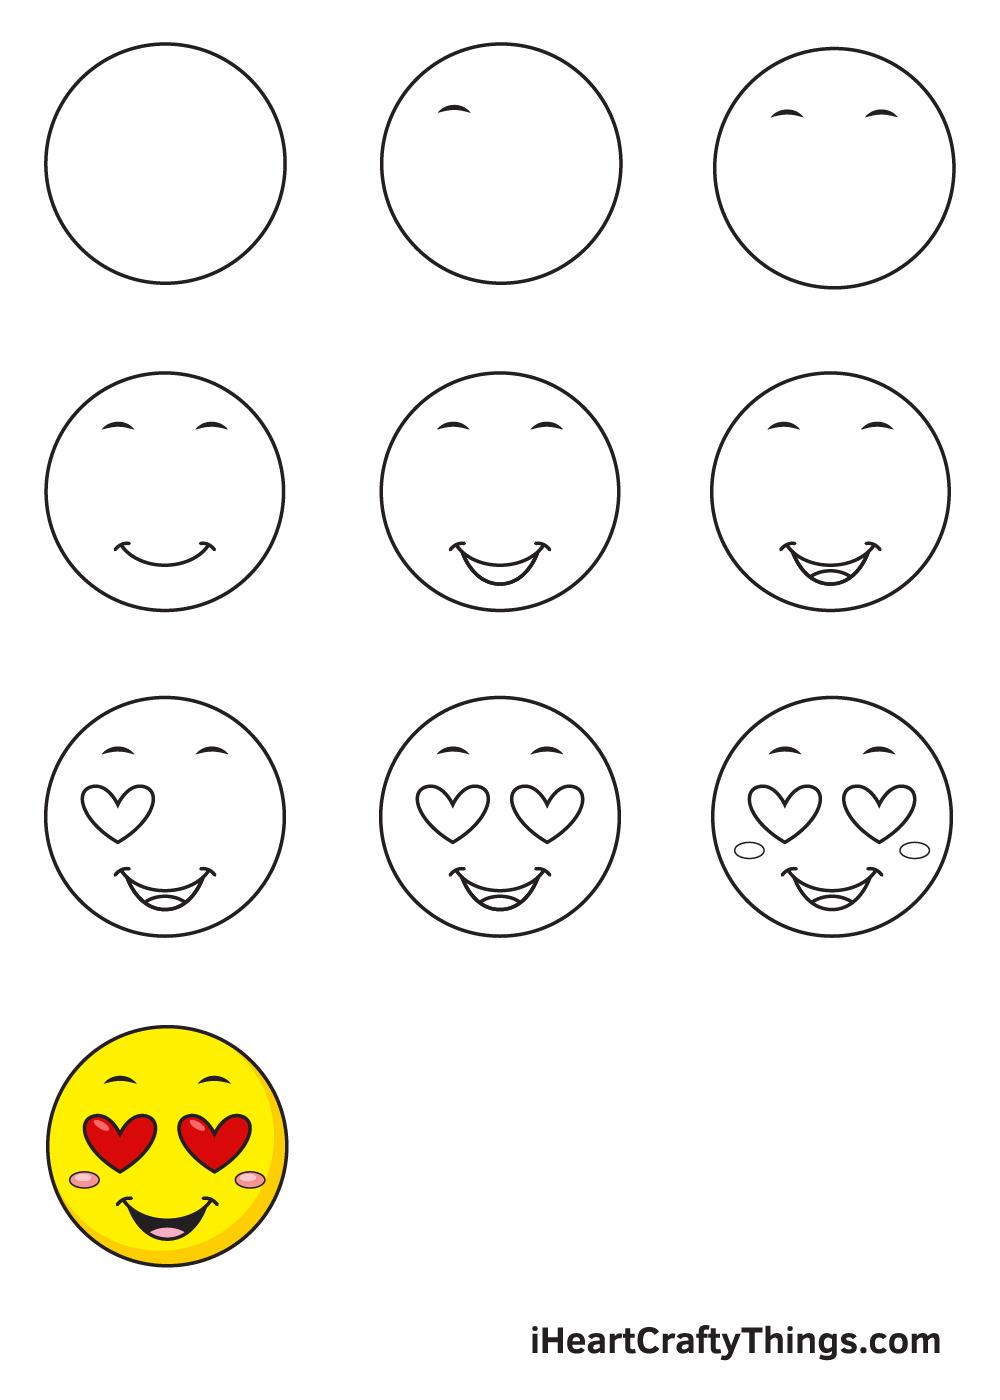 Drawing Emojis in 9 Easy Steps